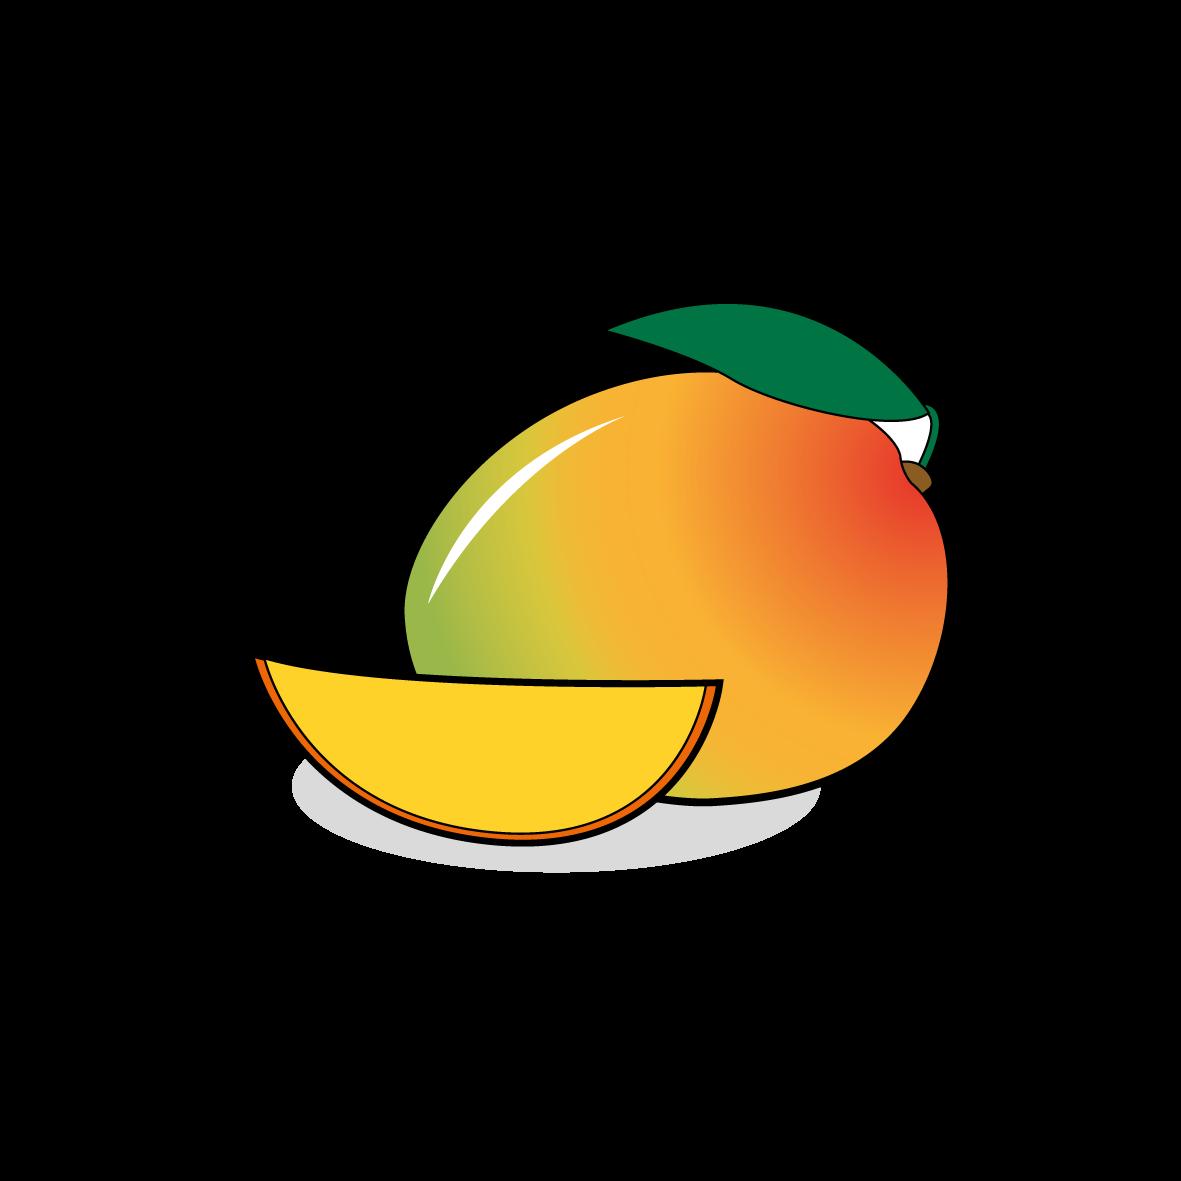 Icone d'une mangue, ailmacocotte.com